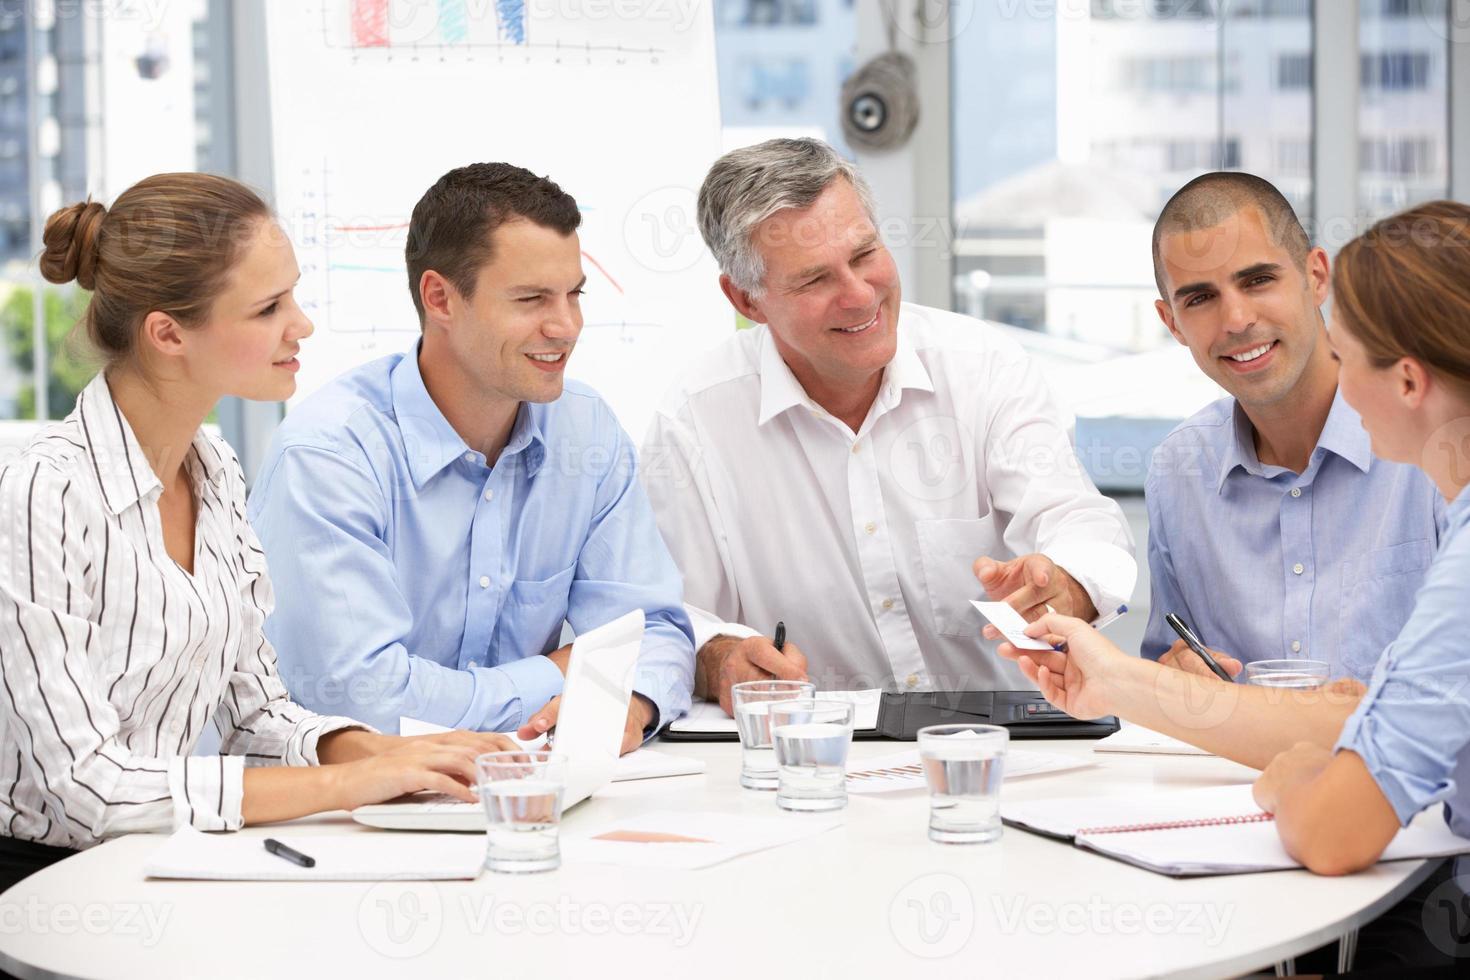 gruppo di uomini d'affari seduti in una riunione foto